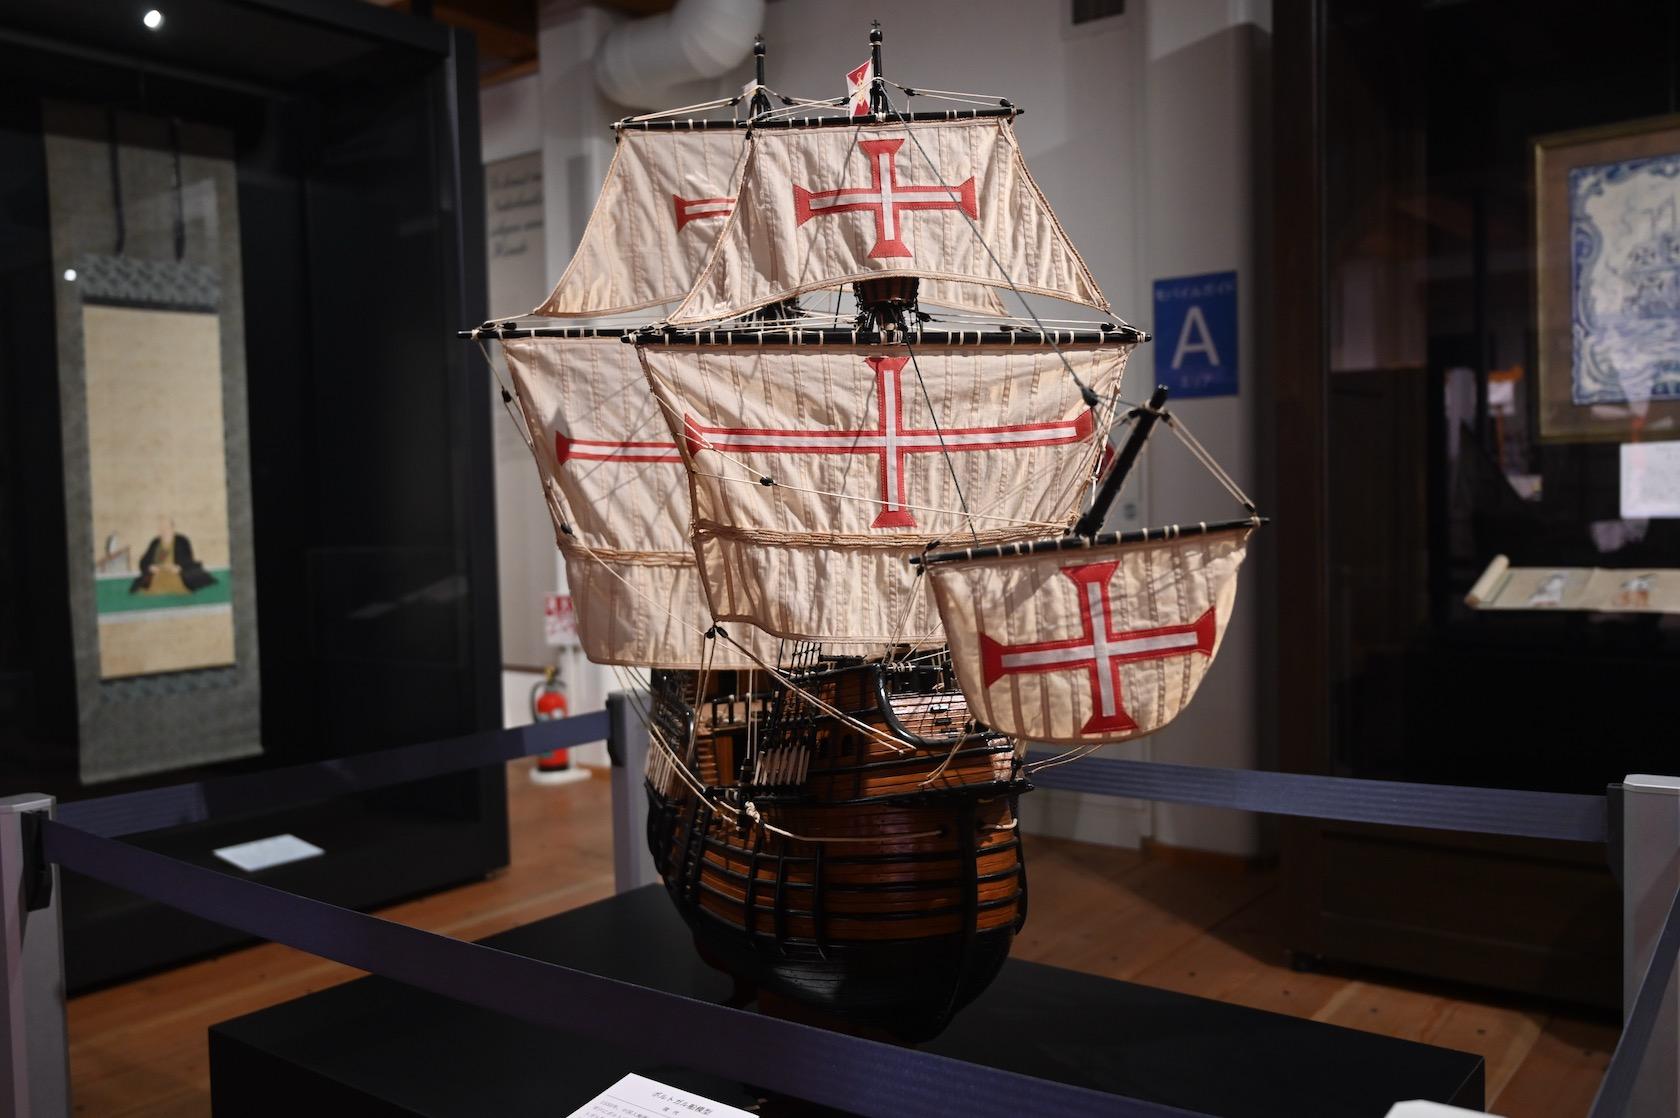 オランダ商館跡の帆船模型